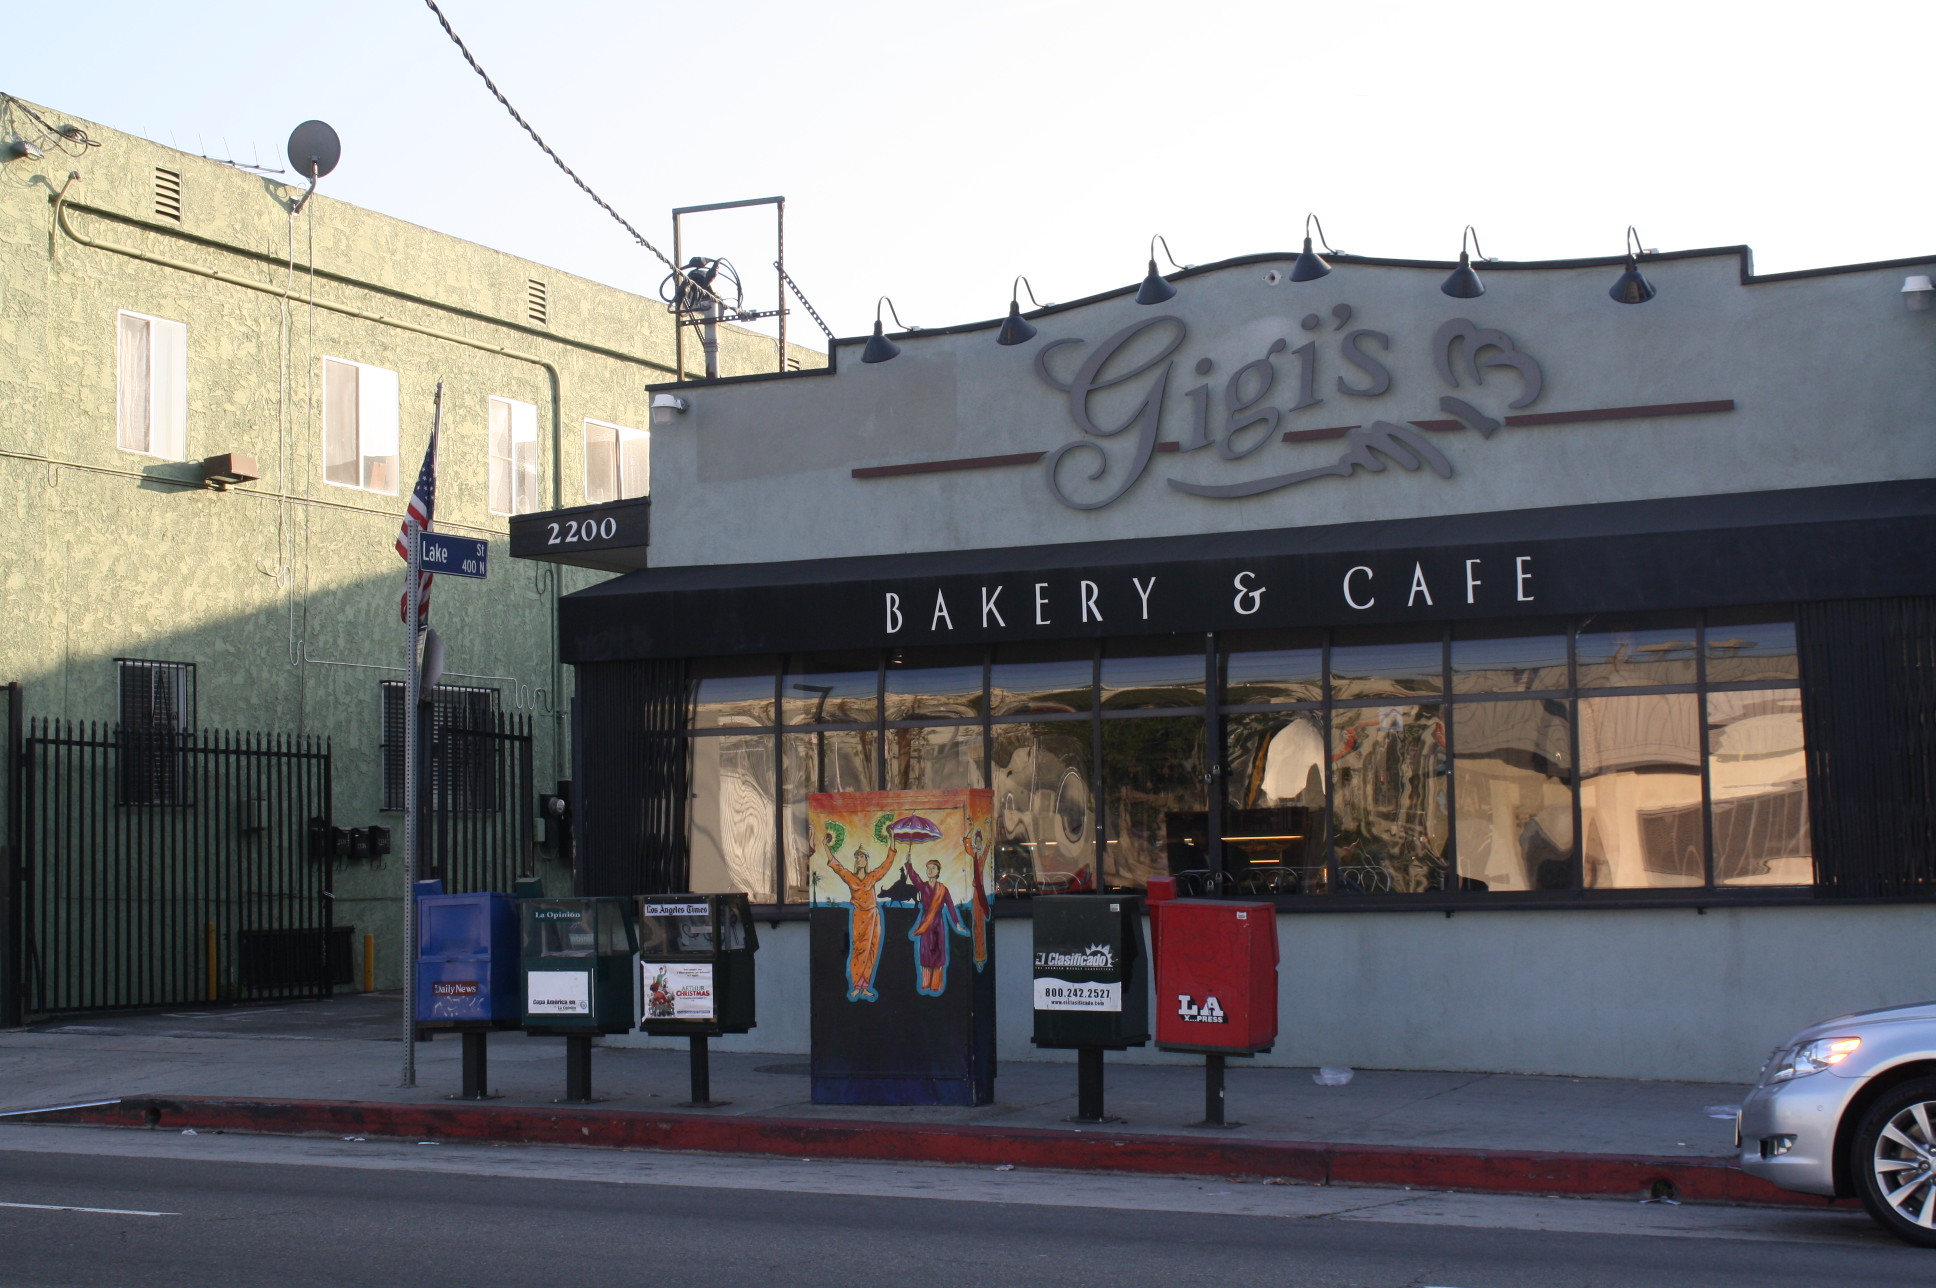 La fachada del restaurante Gigi's en la calle Temple, a una cuadra al oeste de la calle Alvarado. (Foto Agustín Durán/El Pasajero).